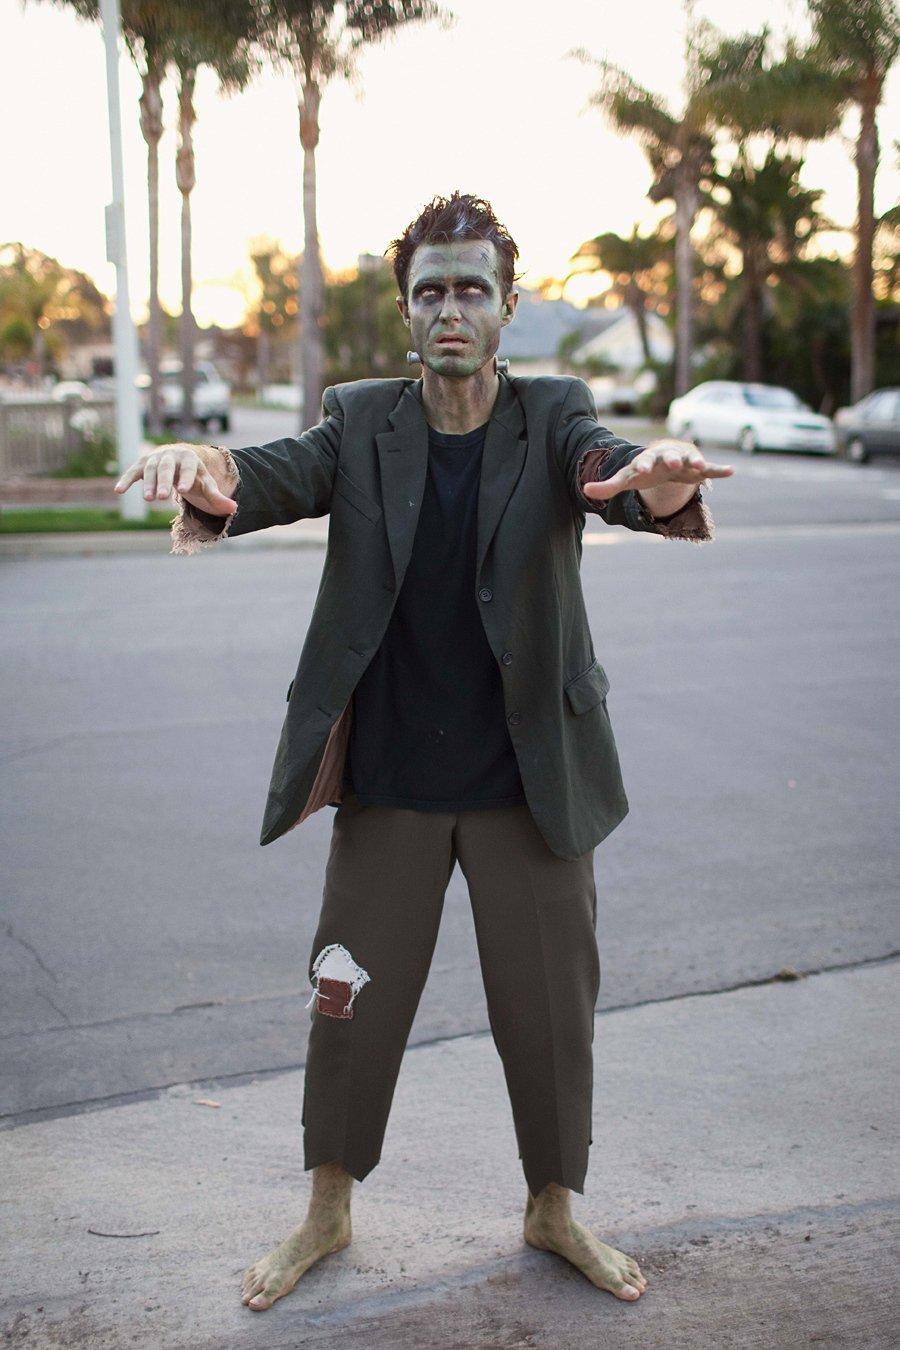 Das beste Halloween Kostüm Herren: Ein Zombie Kostüm selber machen